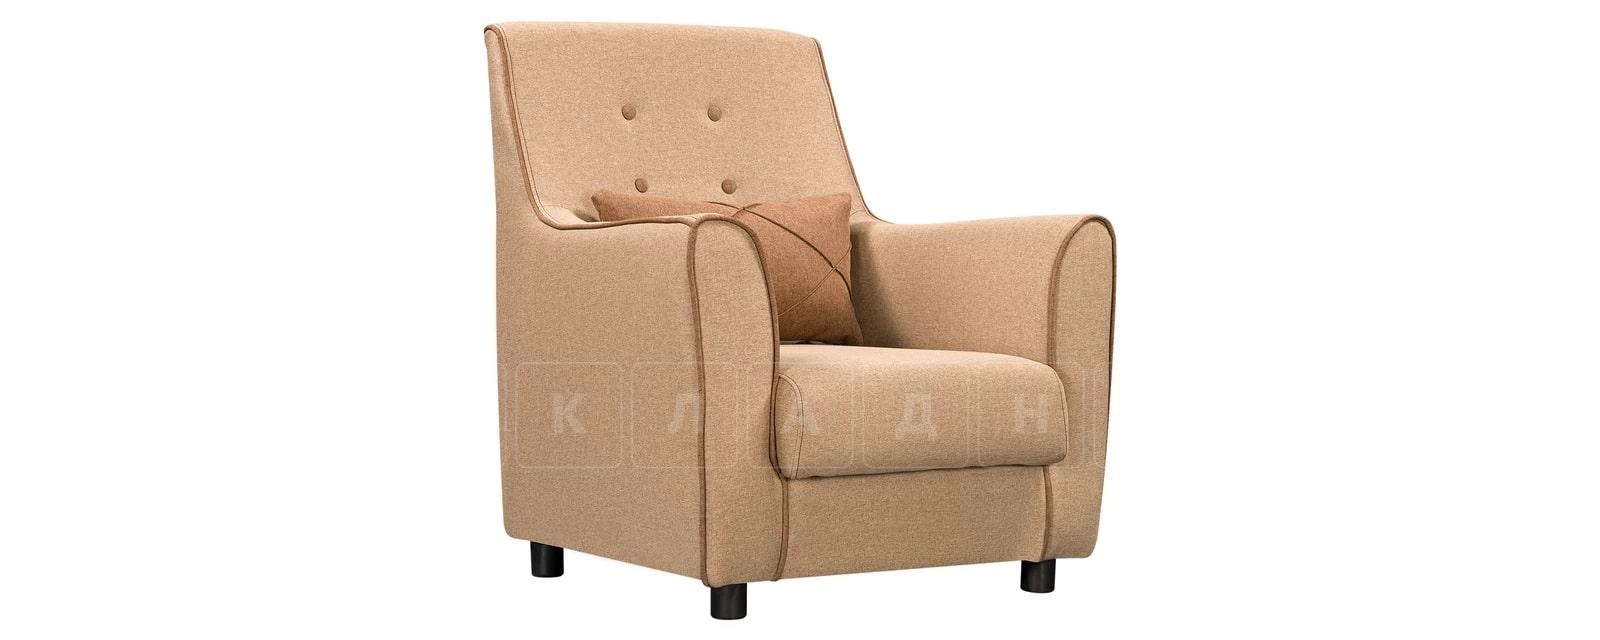 Кресло Флэтфорд рогожка бежевая с коричневым кантом фото 1 | интернет-магазин Складно